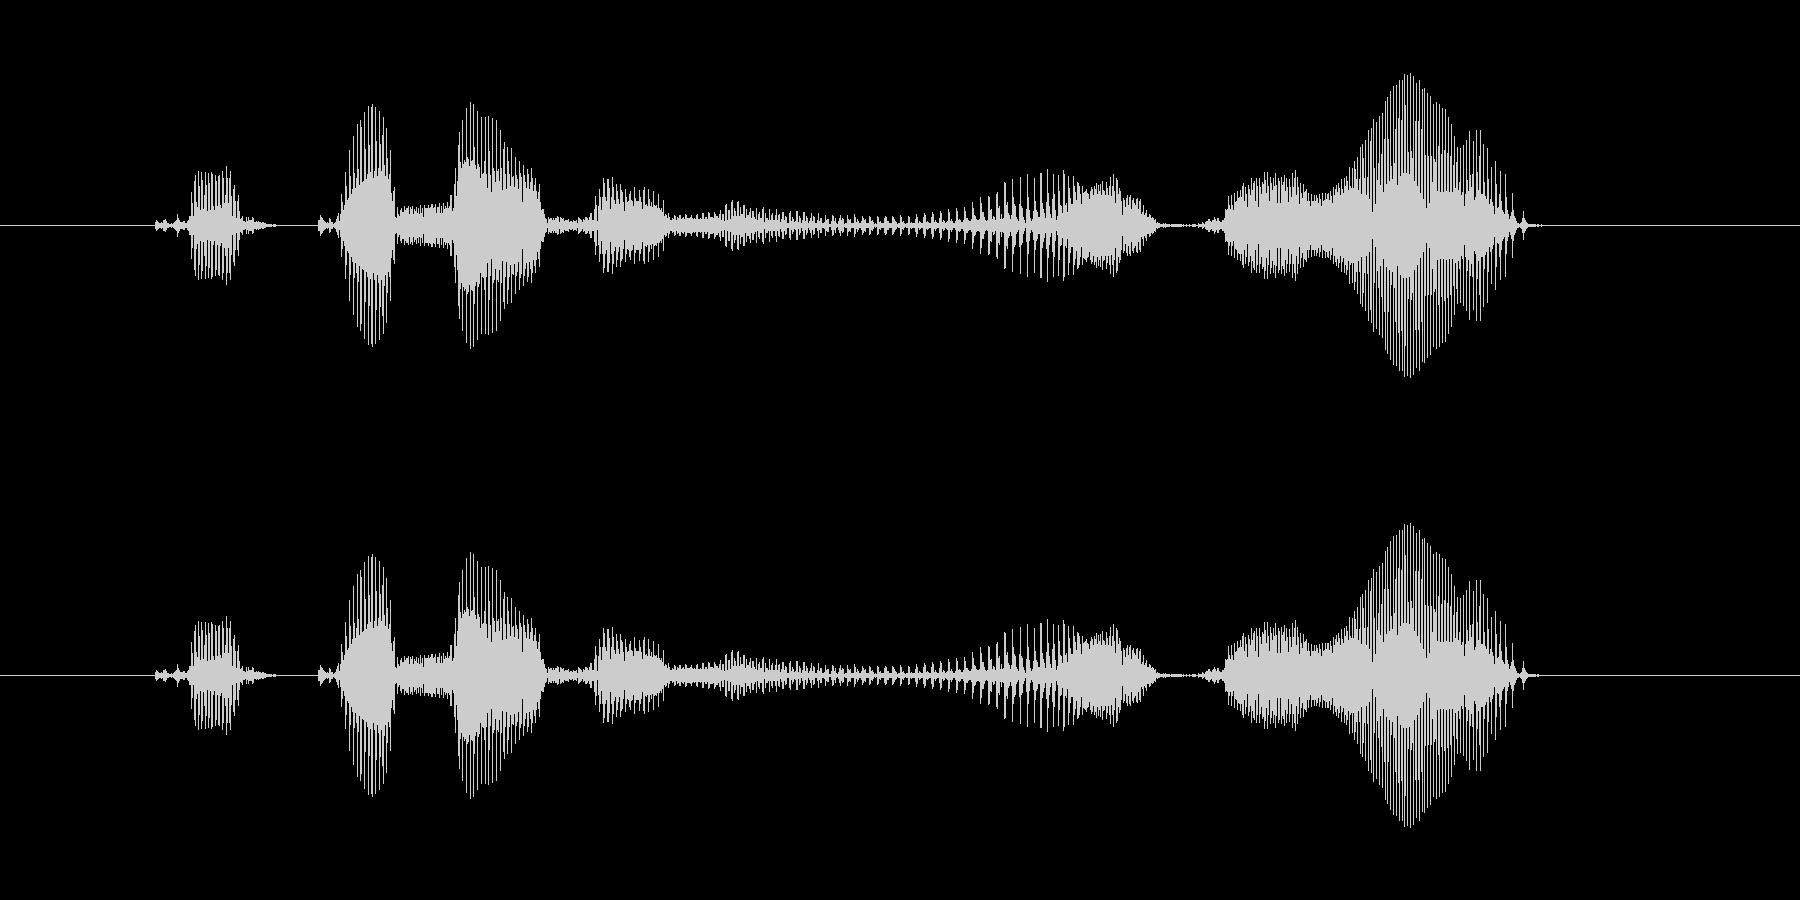 【ラジオ・パーソナリティ・ED】ここま…の未再生の波形